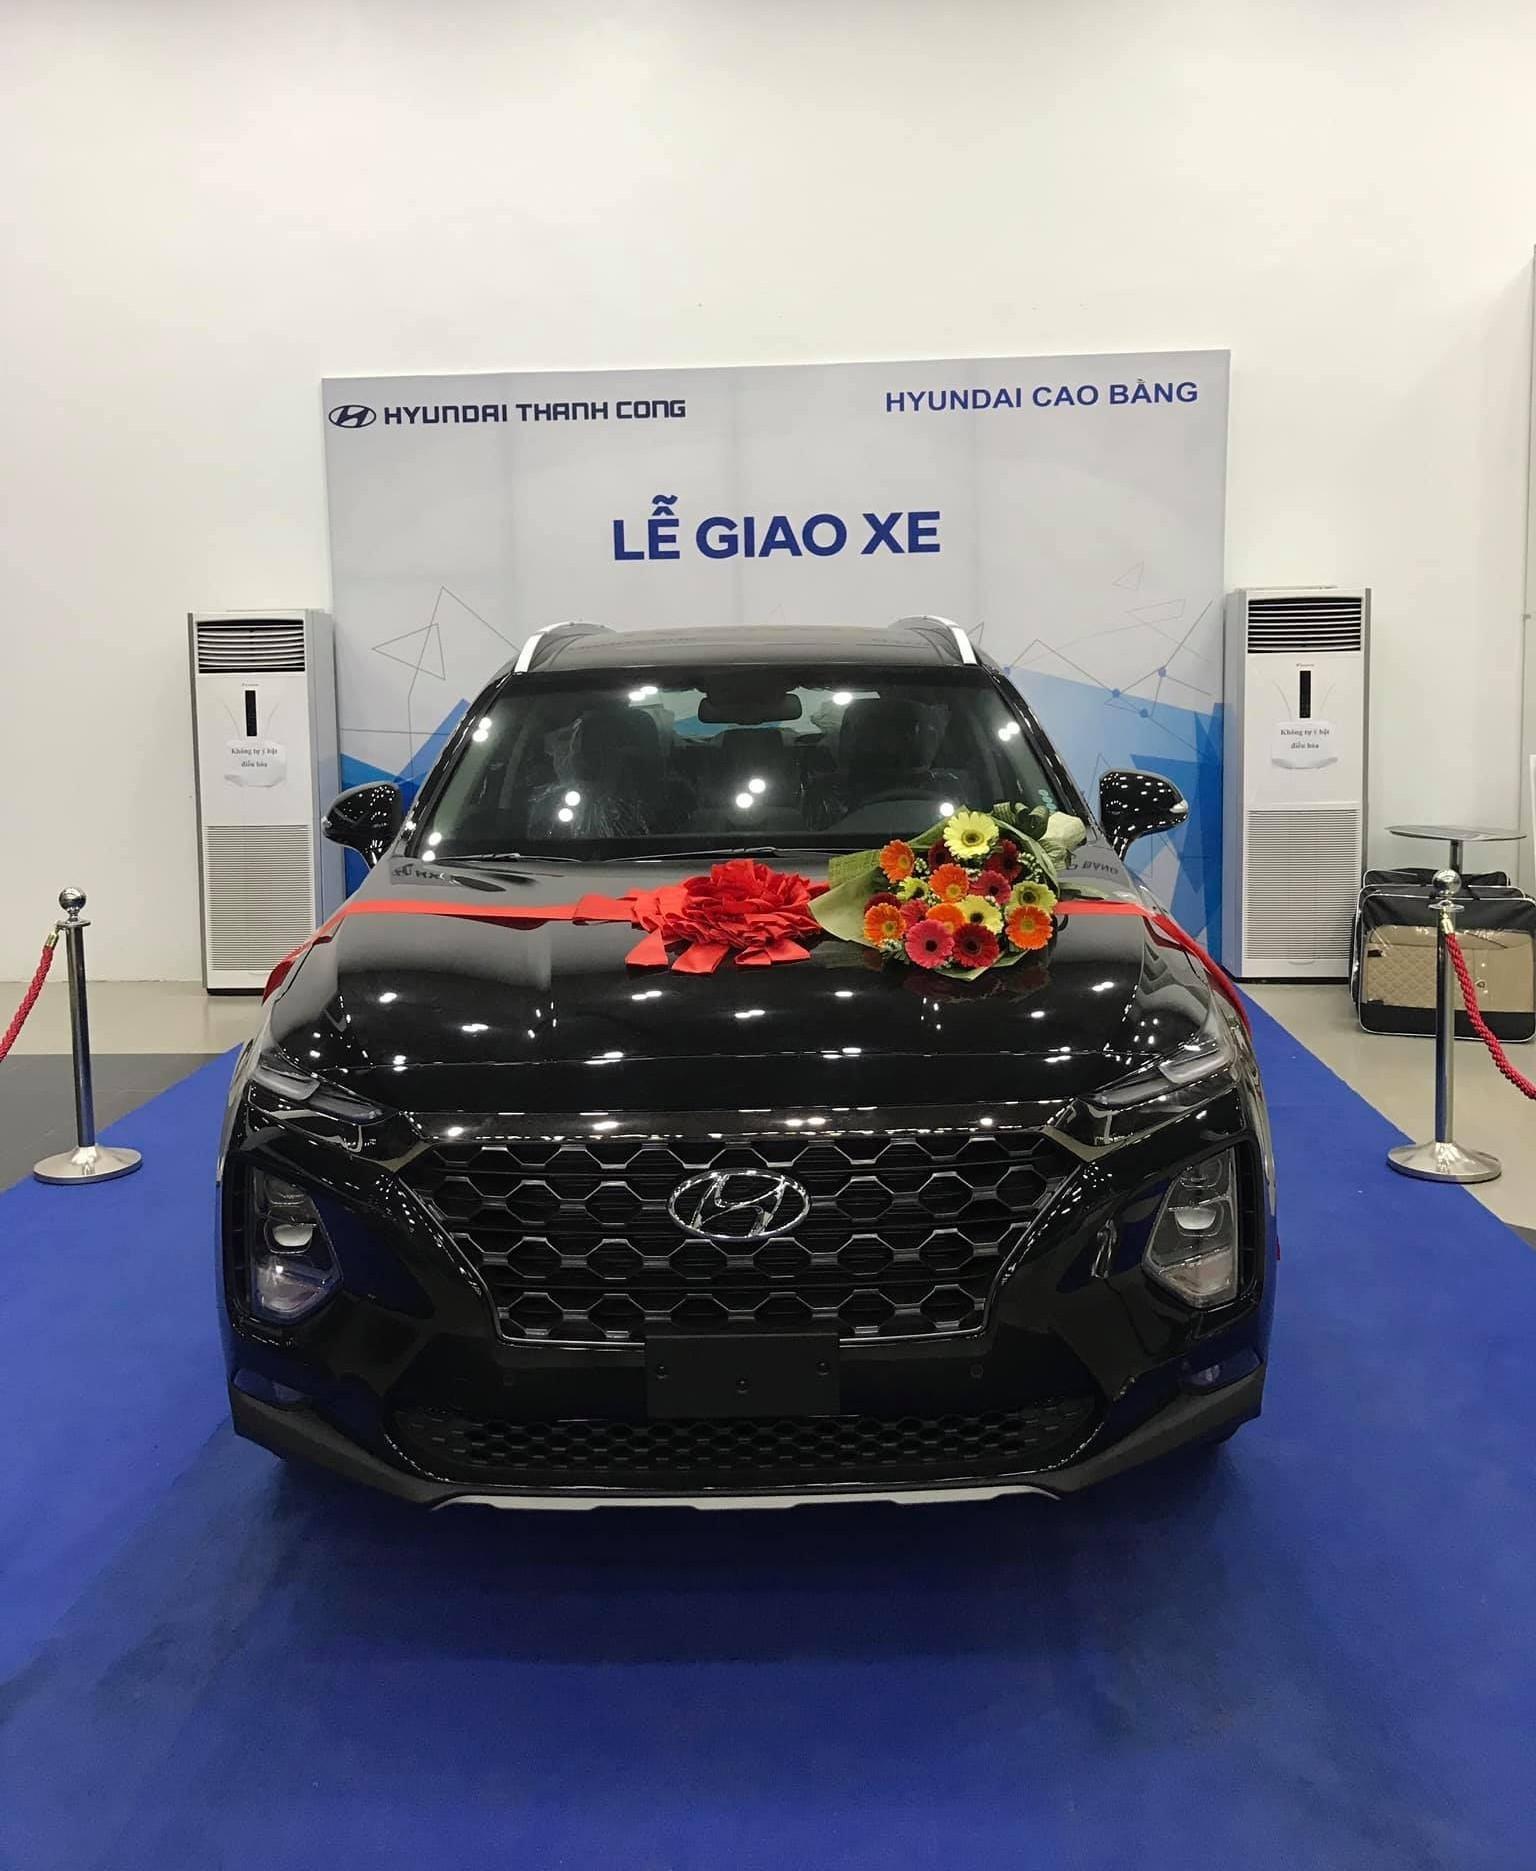 """Các cơ sở tư nhân """"đội lốt"""" đại lý chính hãng này vẫn tiến hành các buổi giới thiệu xe và giao xe như bình thường trong đó có cả mẫu Hyundai Santa Fe 2019 mới ra mắt thị trường Việt vào ngày 9/1 vừa qua"""